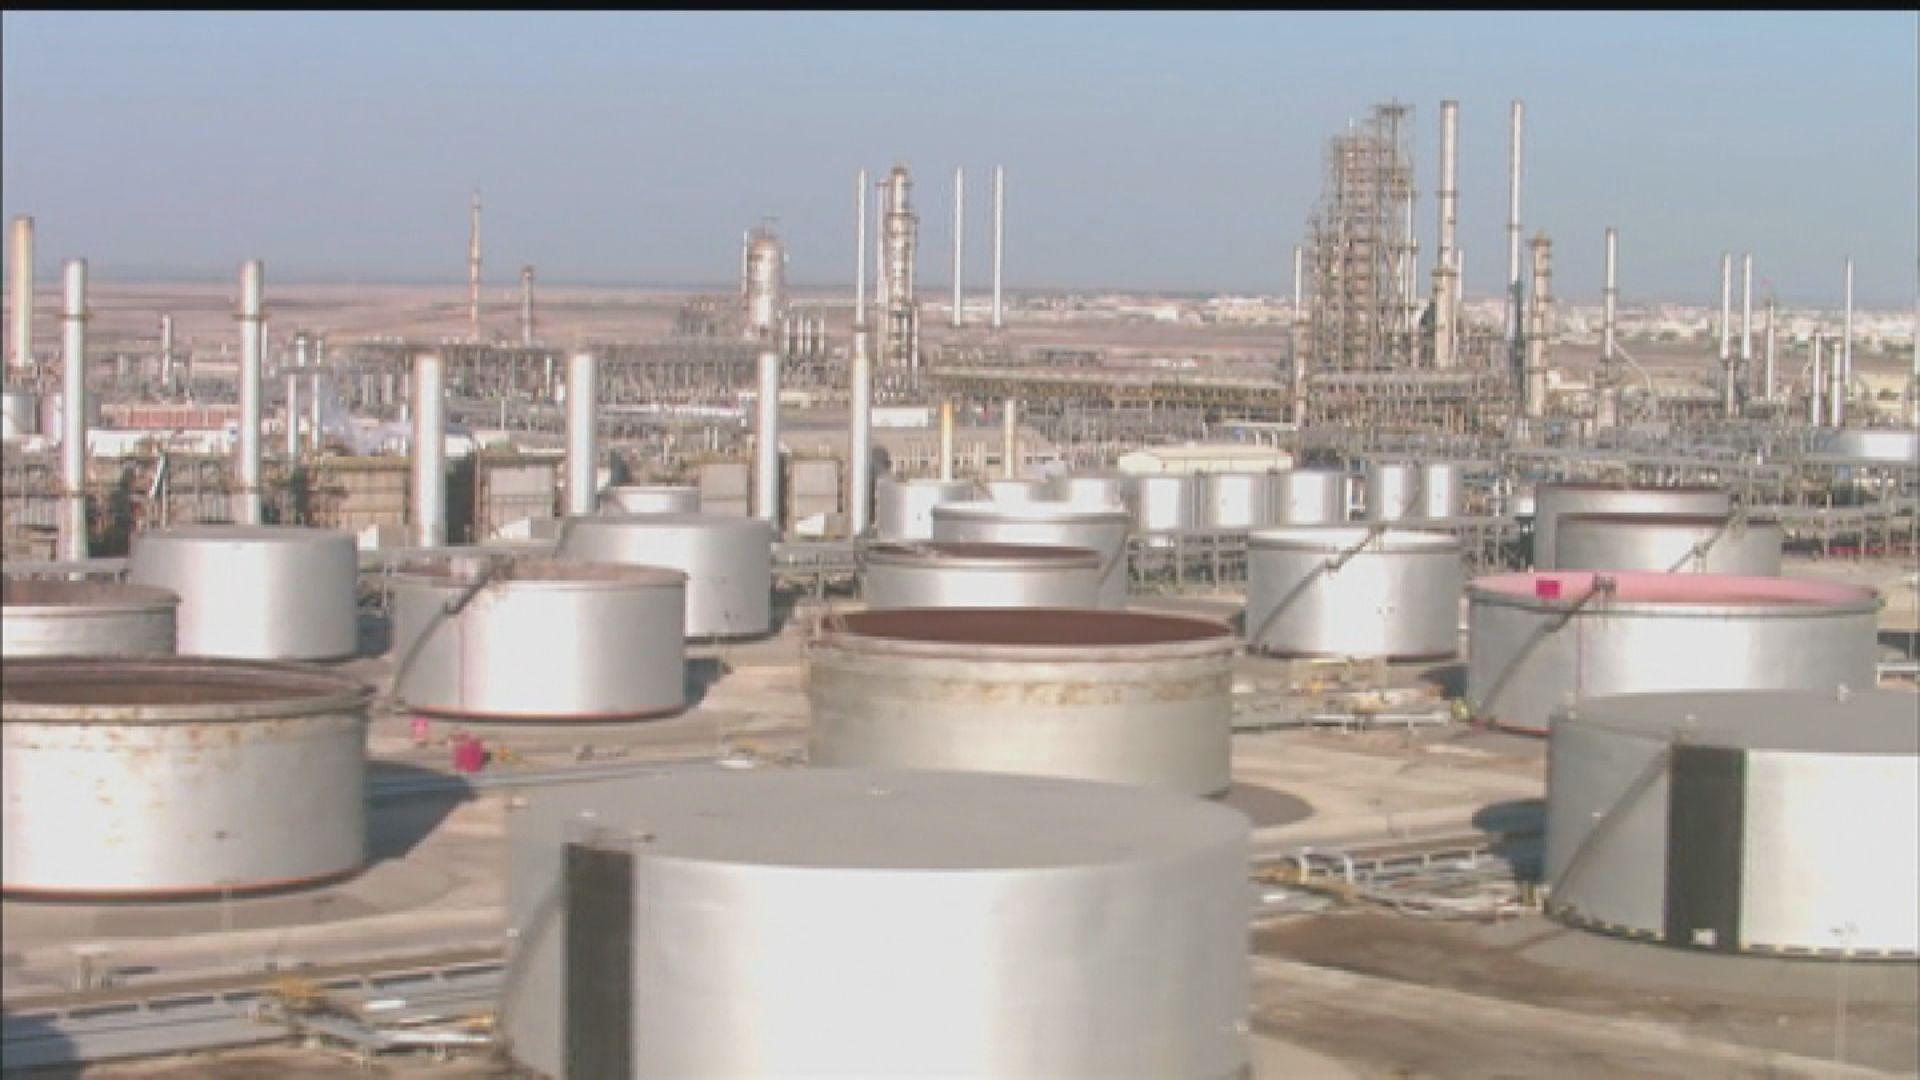 【產油風波】俄羅斯下周與沙特等油組成員開緊急會議